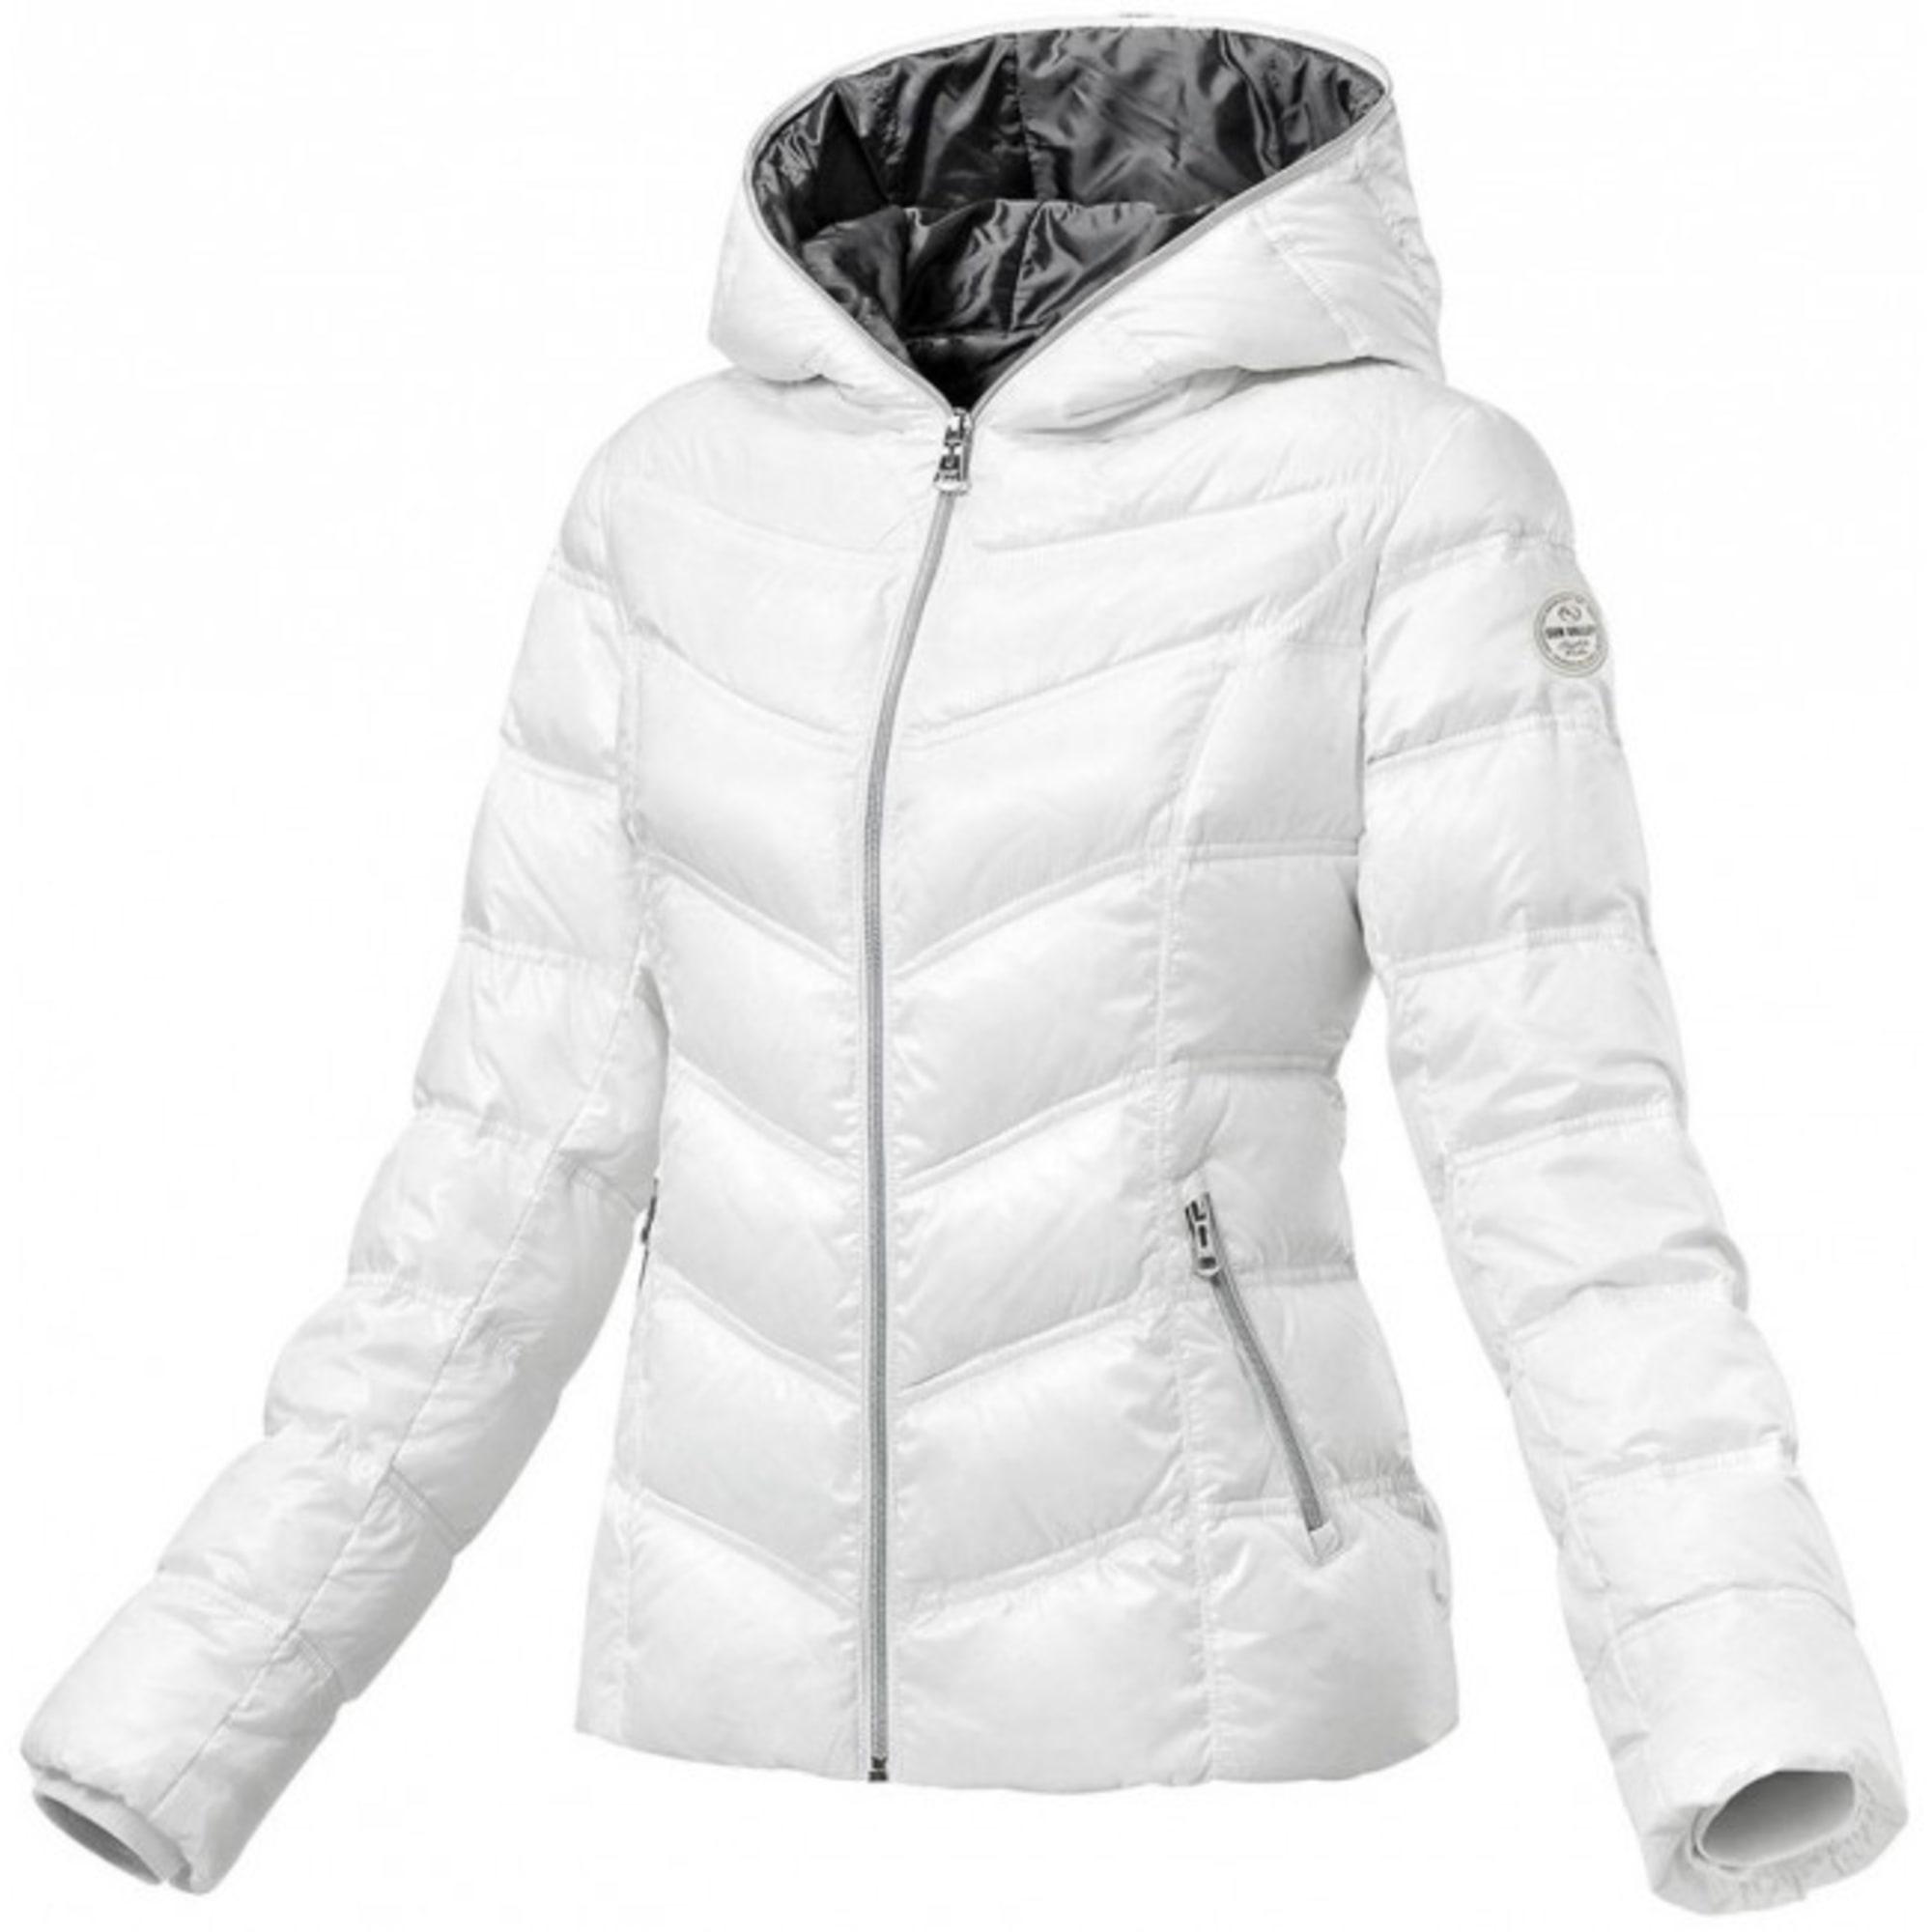 f442992040af blanc vendu VALLEY SUN 5753745 Doudoune Maud216830 L 40 par T3 xTUFxqpnwA